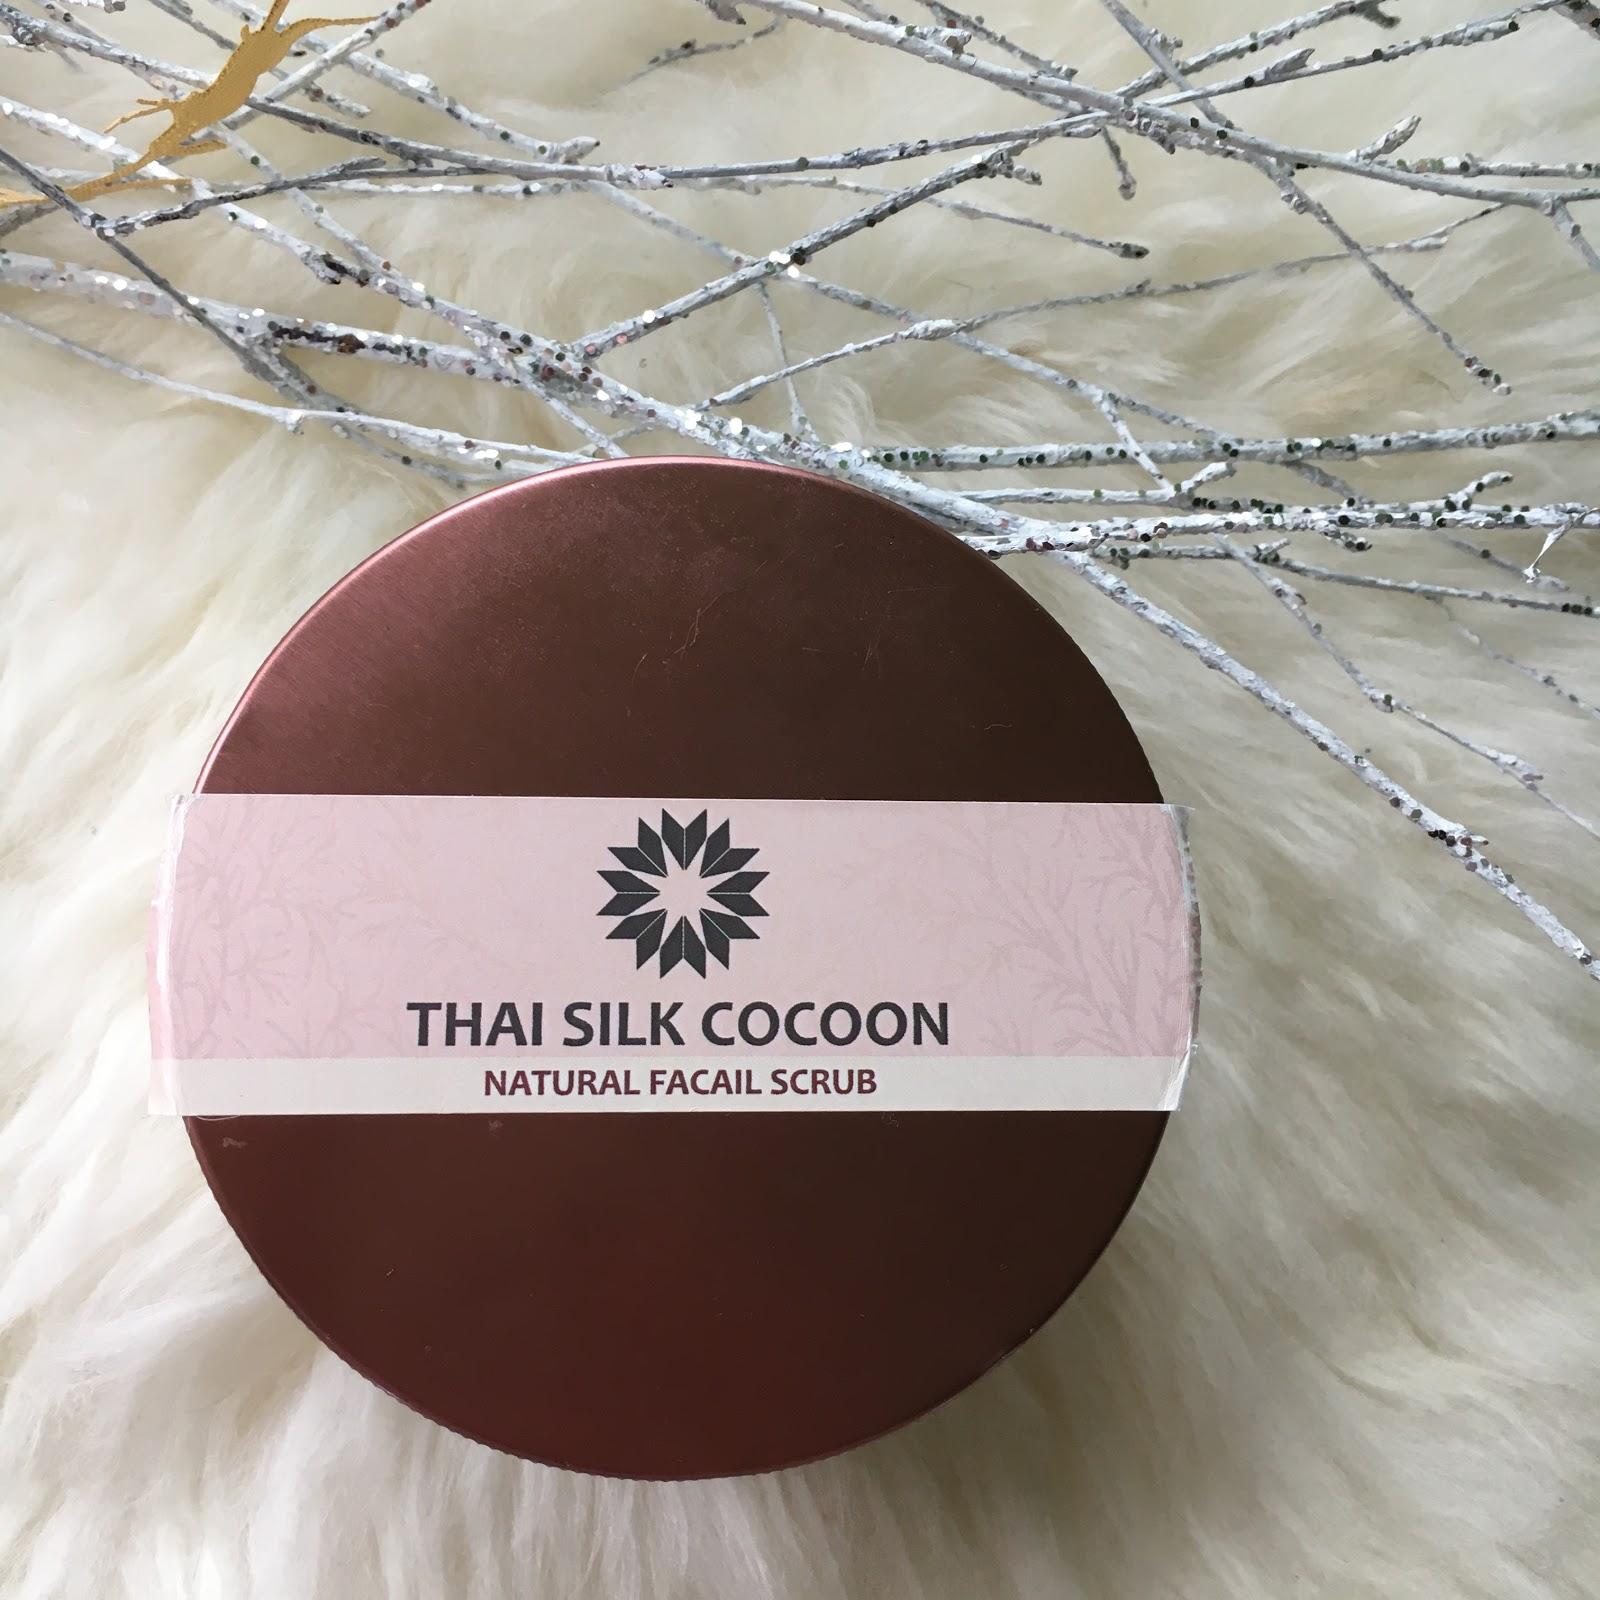 Daw Thale, Thai Silk Cocoon, Natural Facail Scrub, czyli kokony jedwabnika w pielęgnacji skóry twarzy.